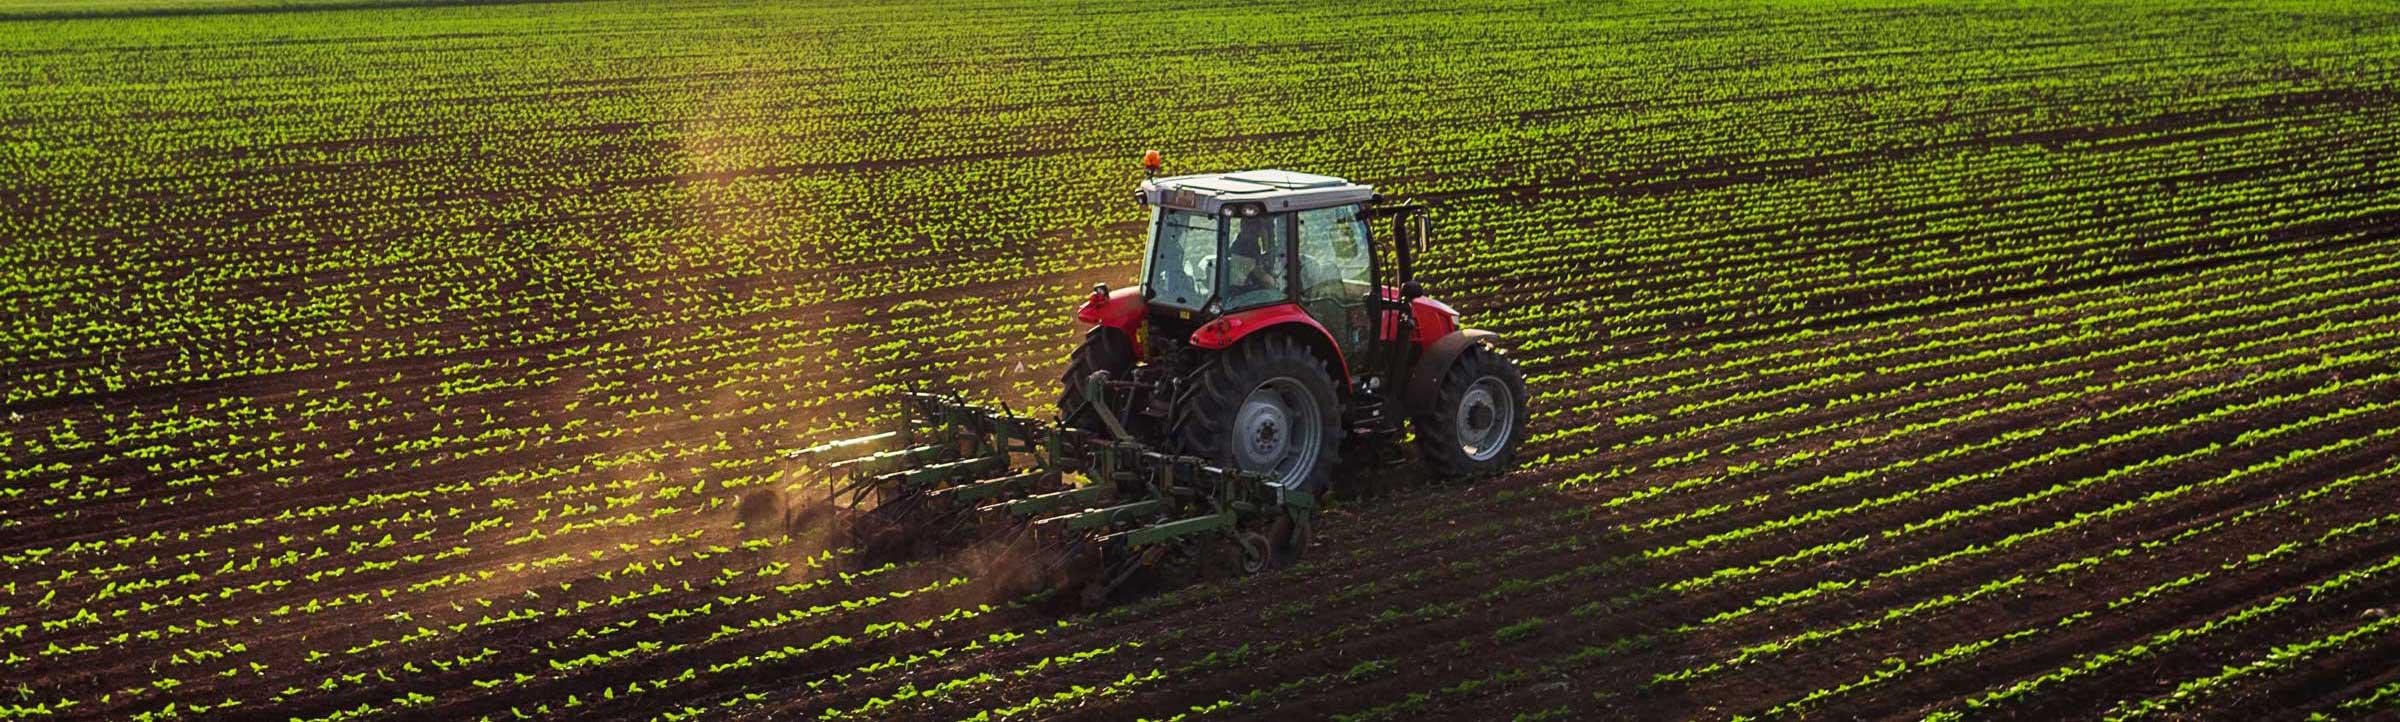 Traktor bei der Bearbeitung eines landwirtschaftlich genutzten Bodens